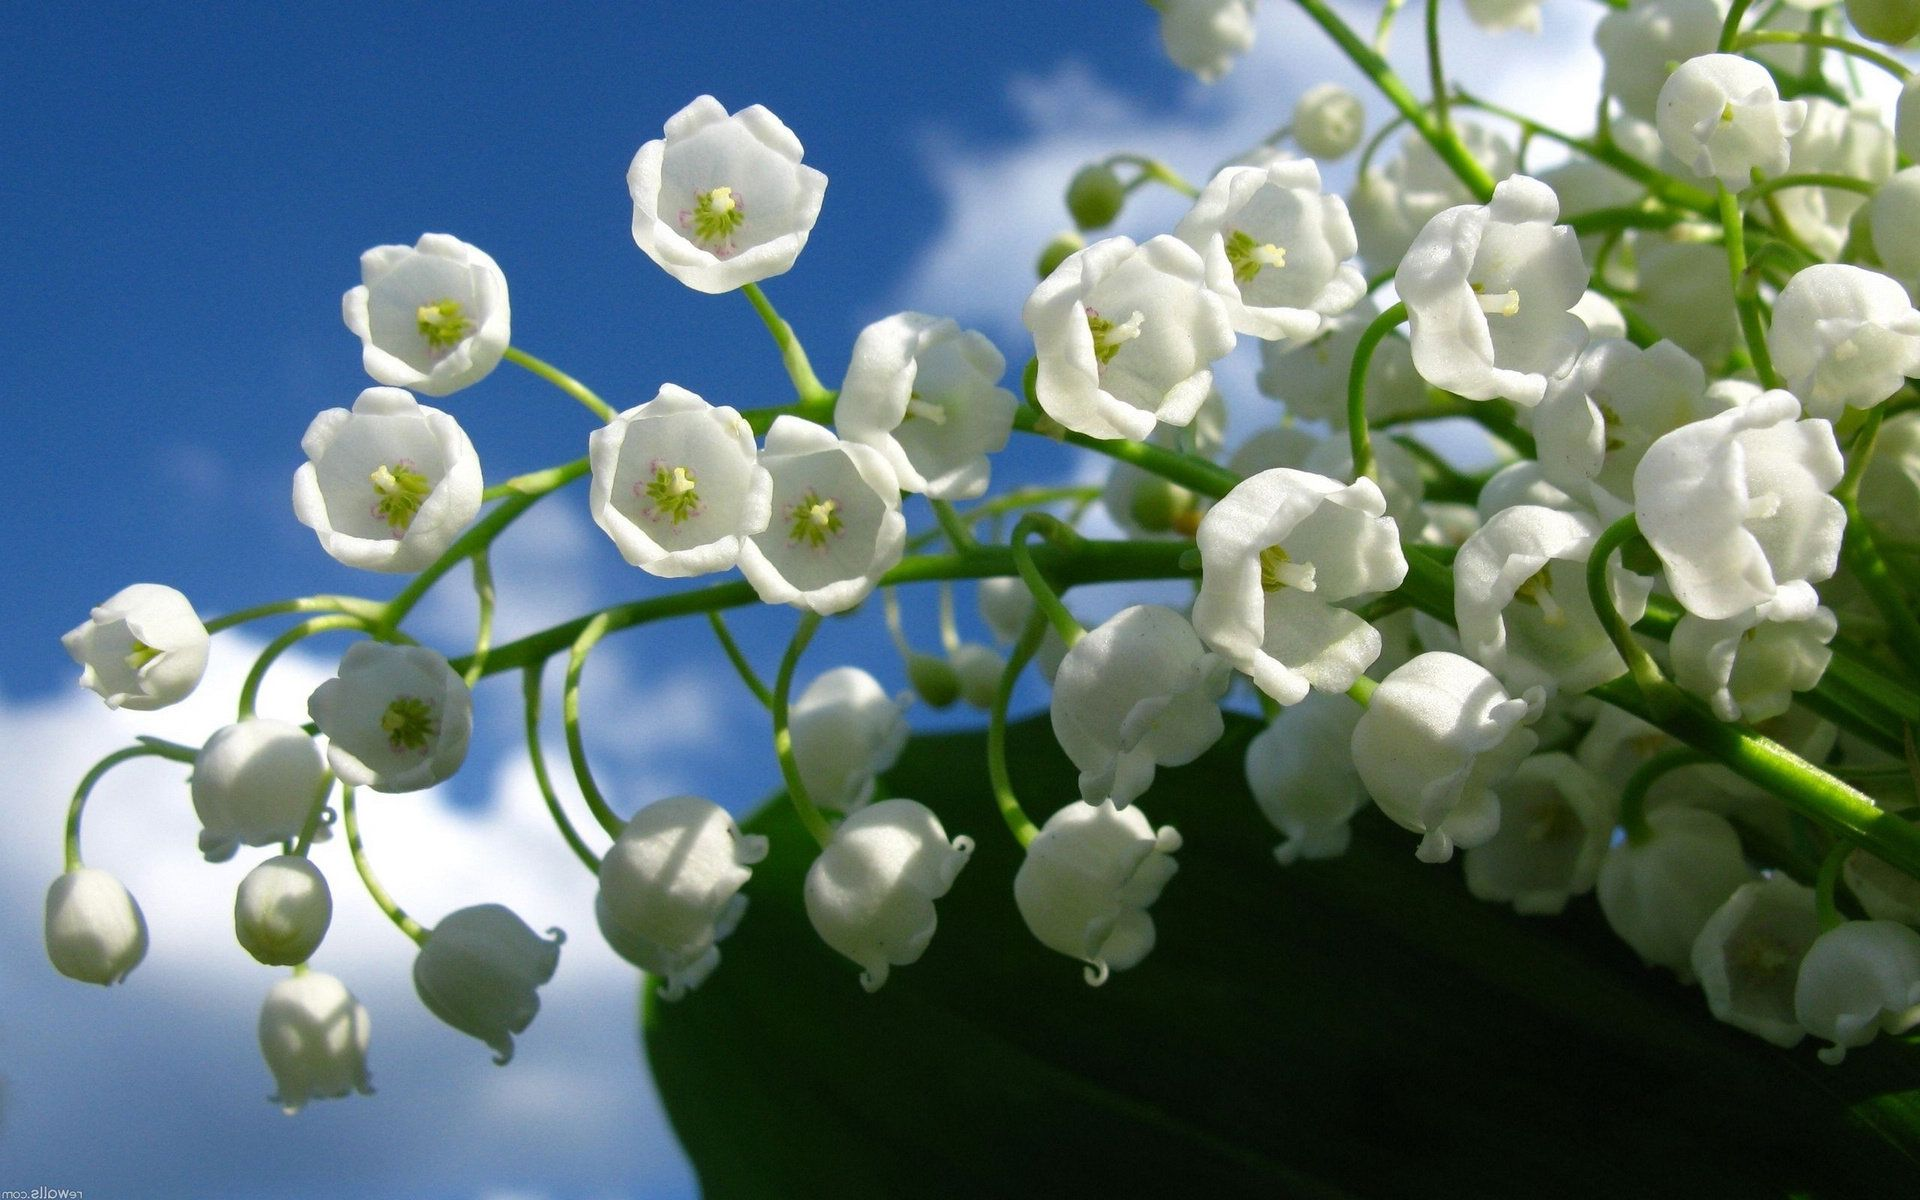 唯美好看的花朵壁纸图片